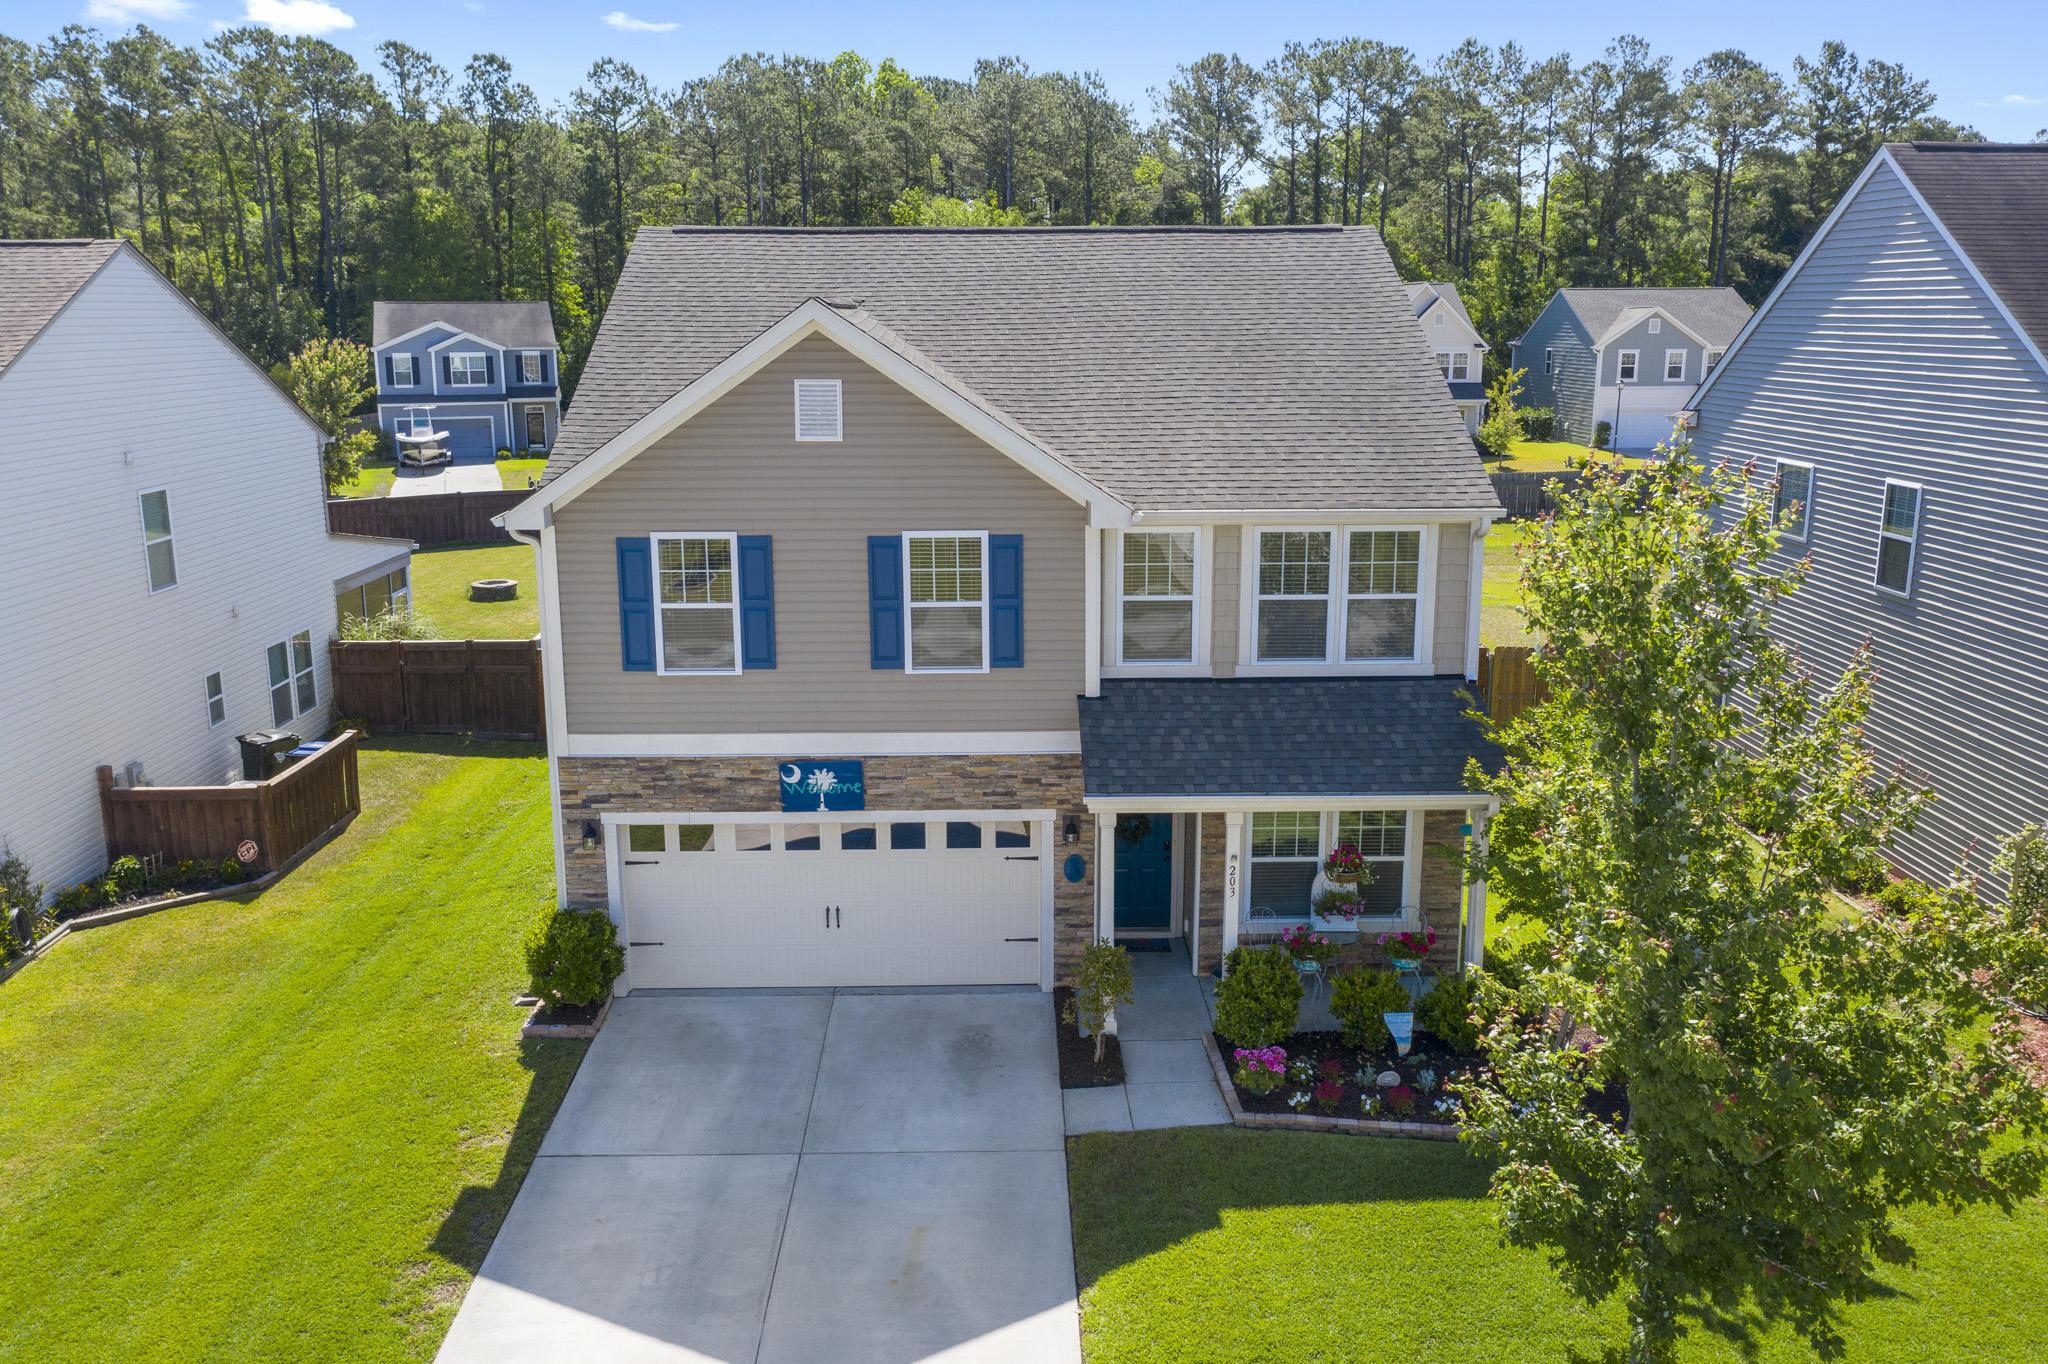 Sunnyfield Homes For Sale - 203 Medford, Summerville, SC - 15